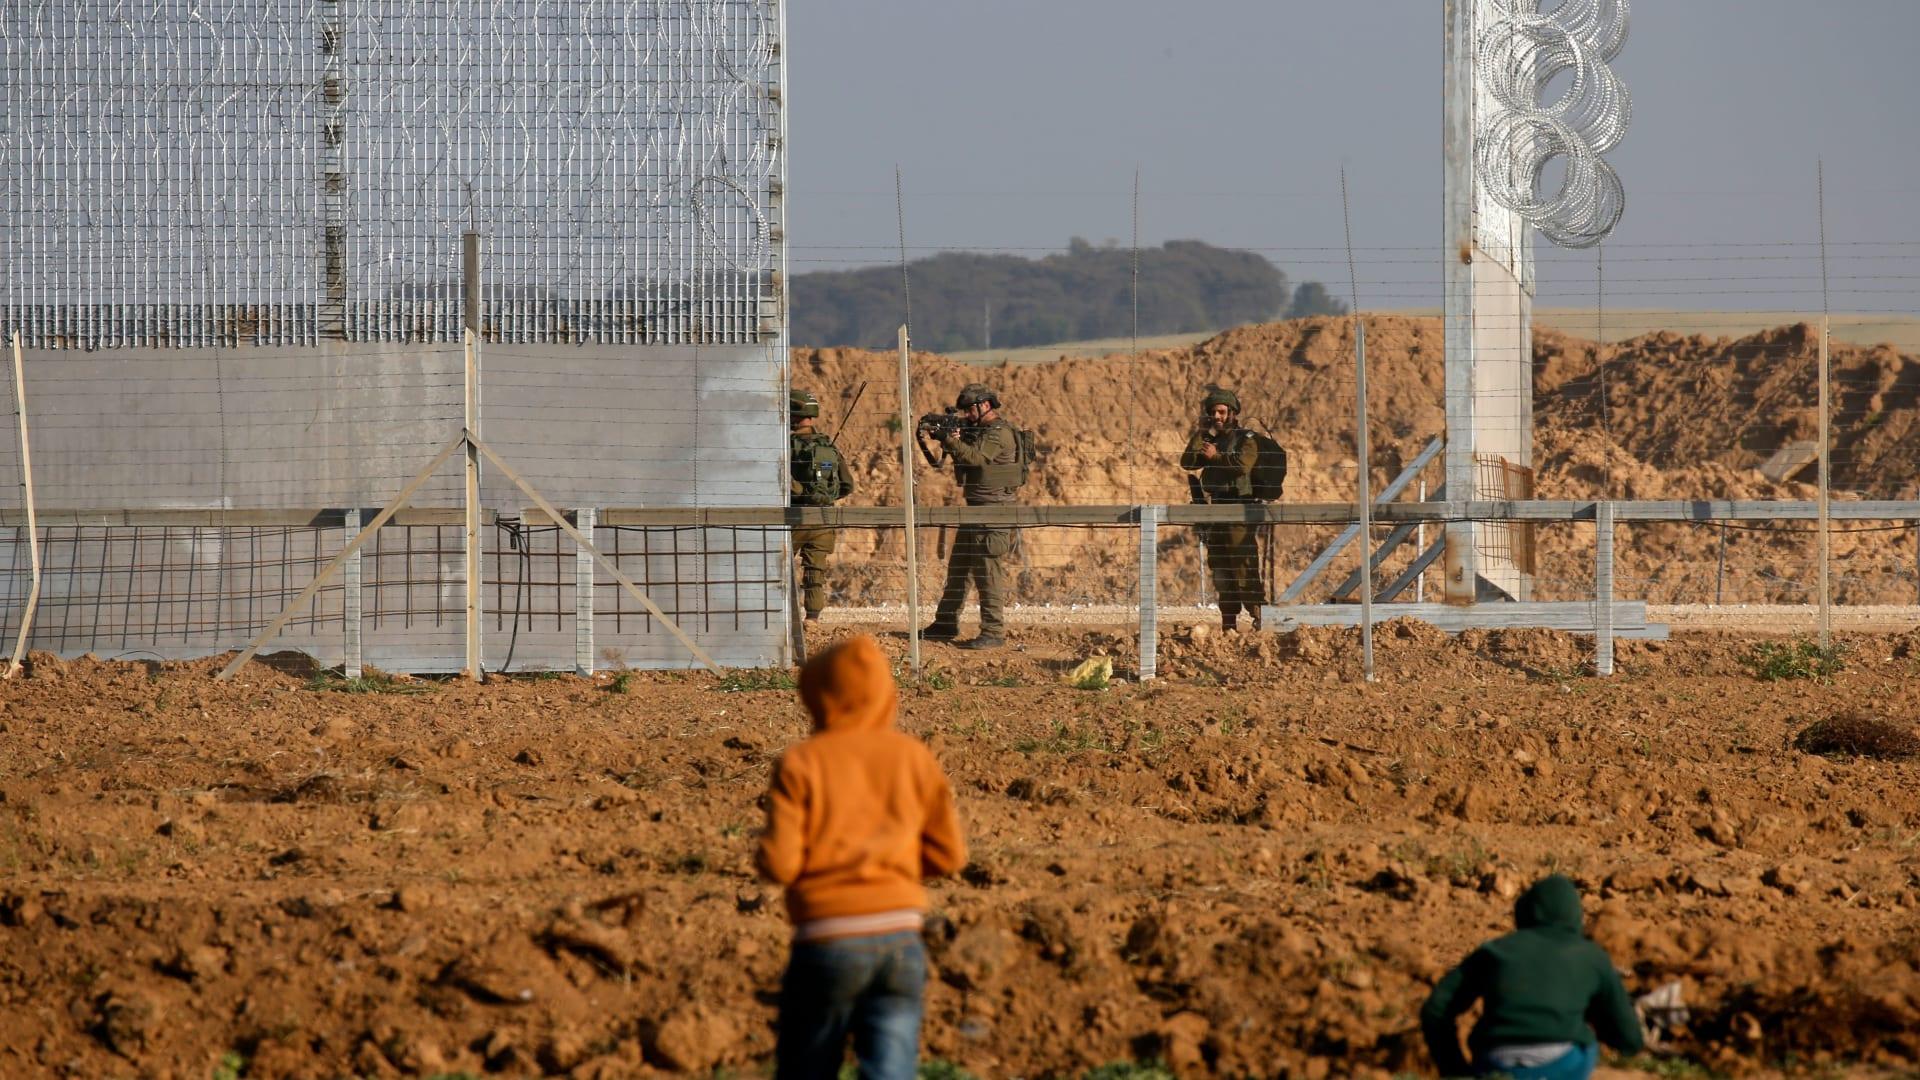 إطلاق صاروخين من غزة على إسرائيل ونتنياهو يعقد اجتماعا أمنيا